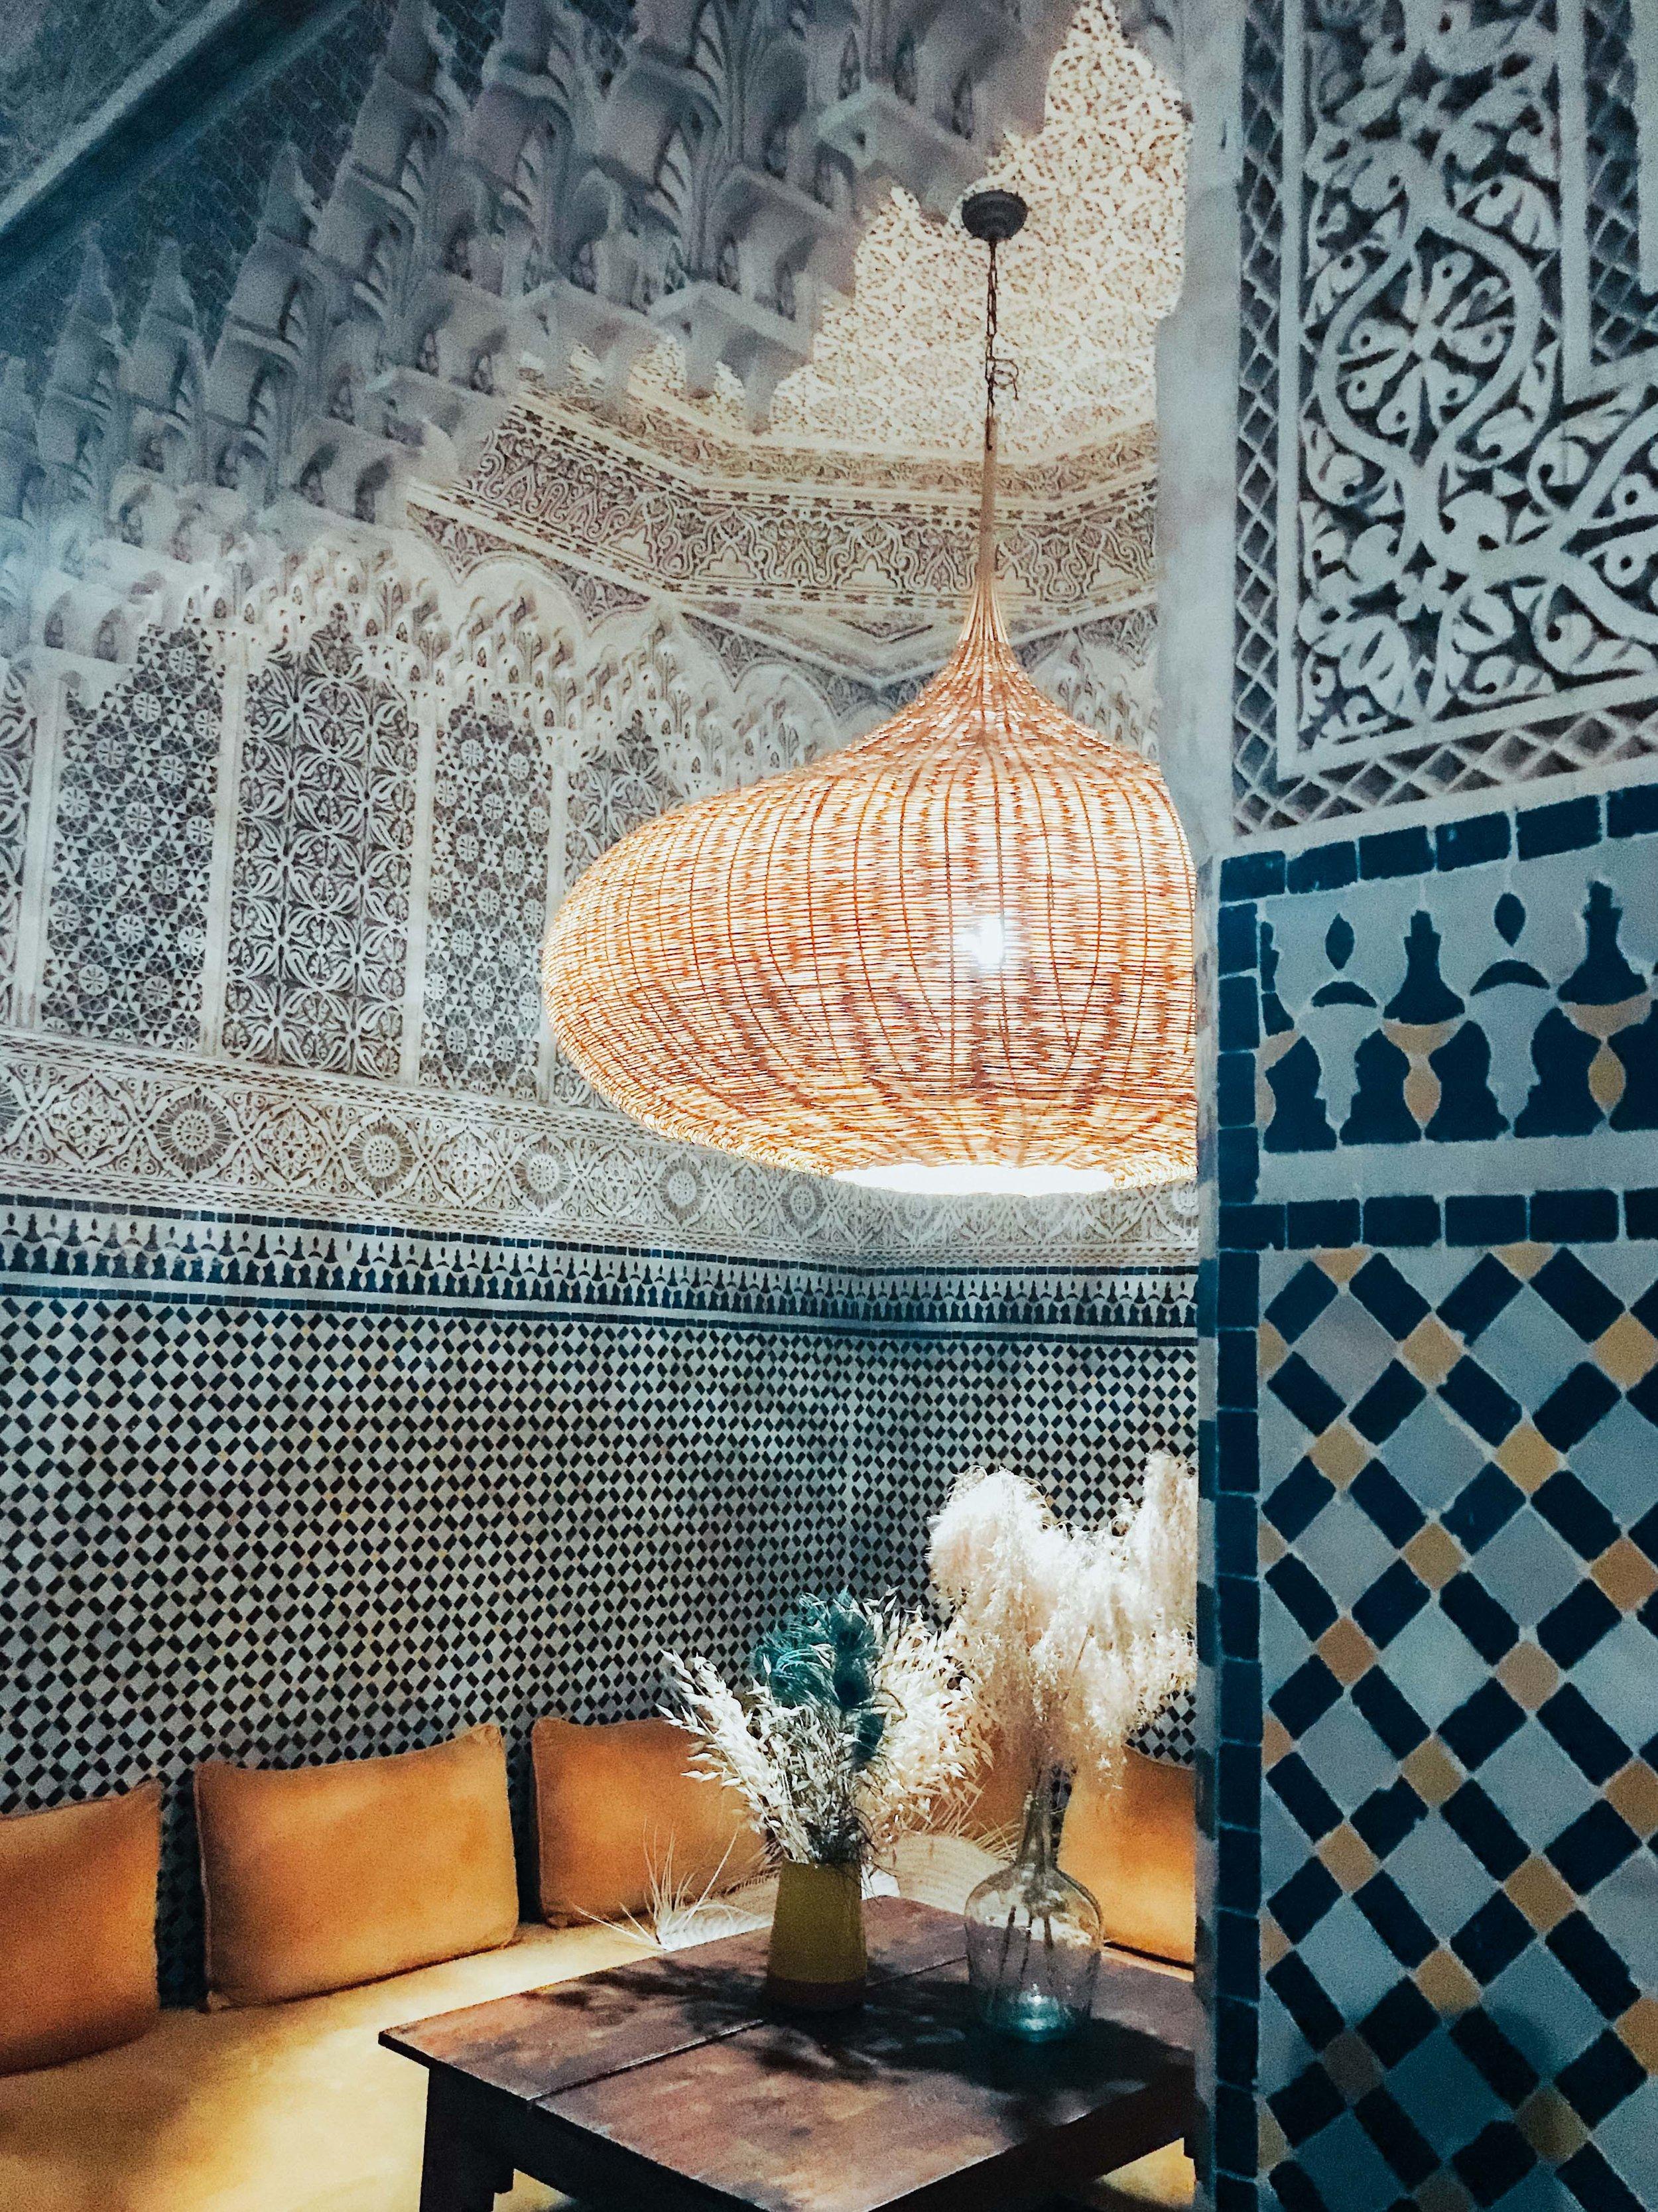 Jardin_Secret_marrakech.jpg